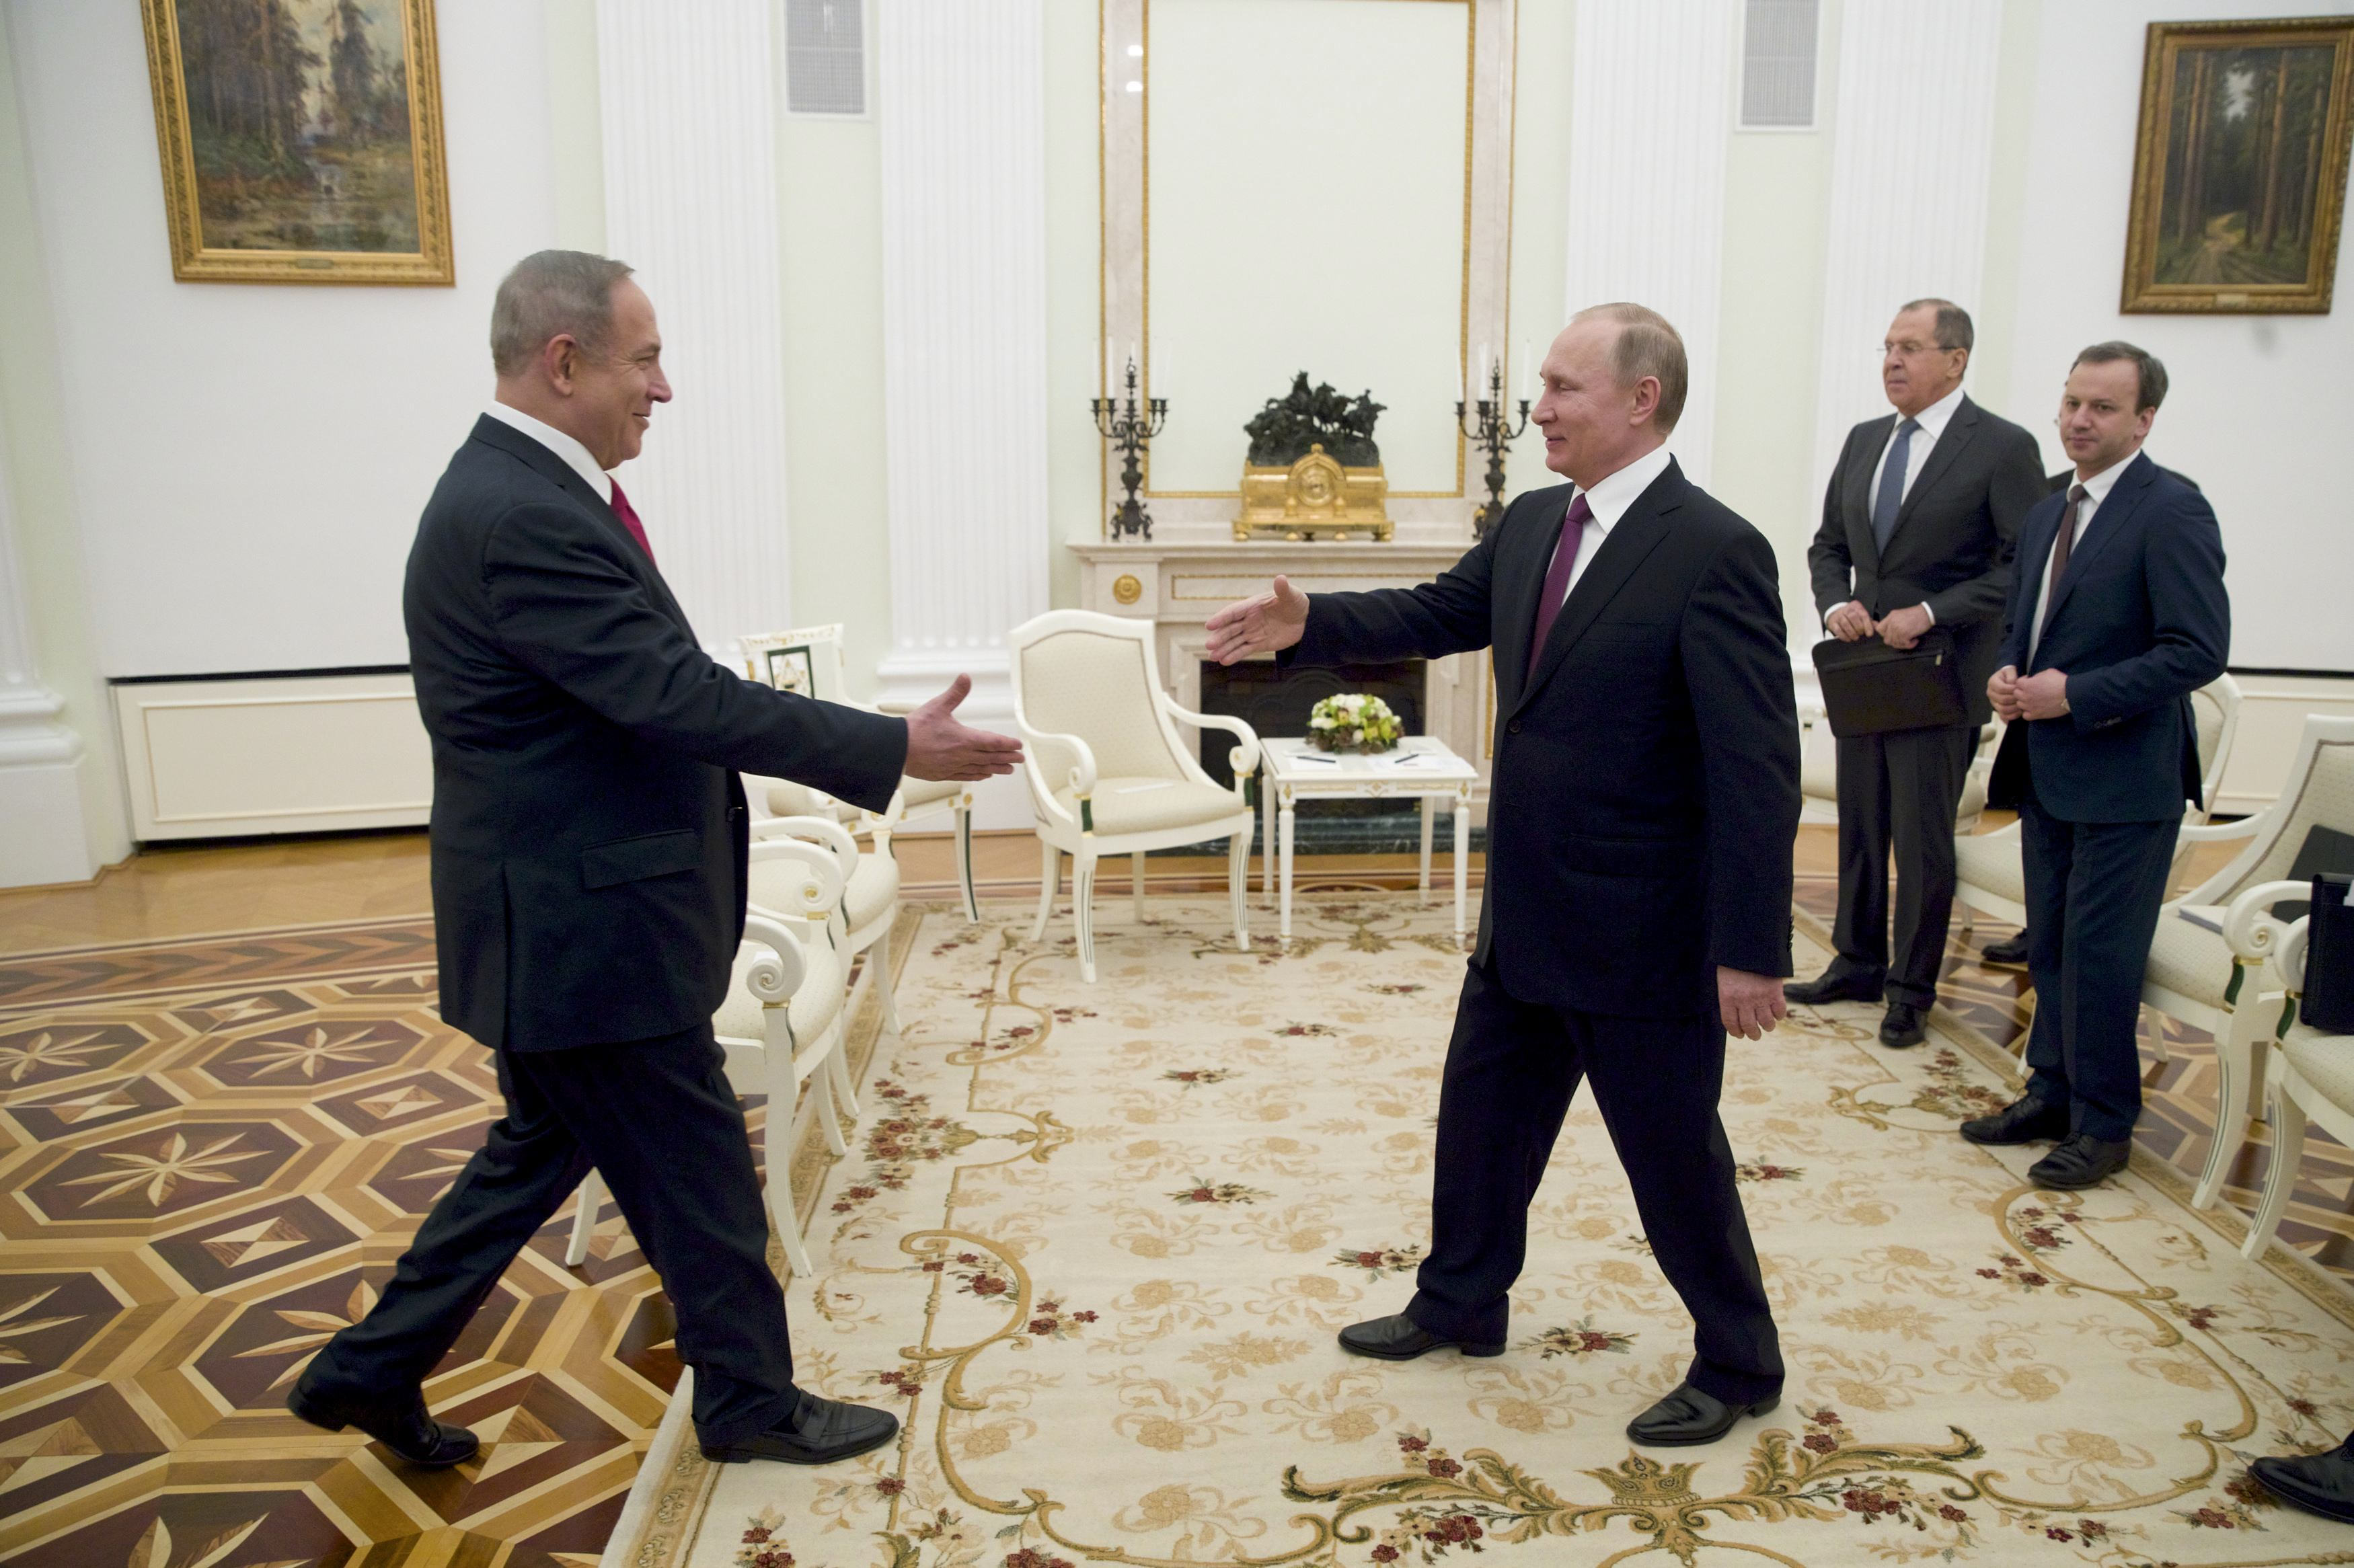 Путин подарил Нетаньяху 500-летнюю книгу натосканском языке